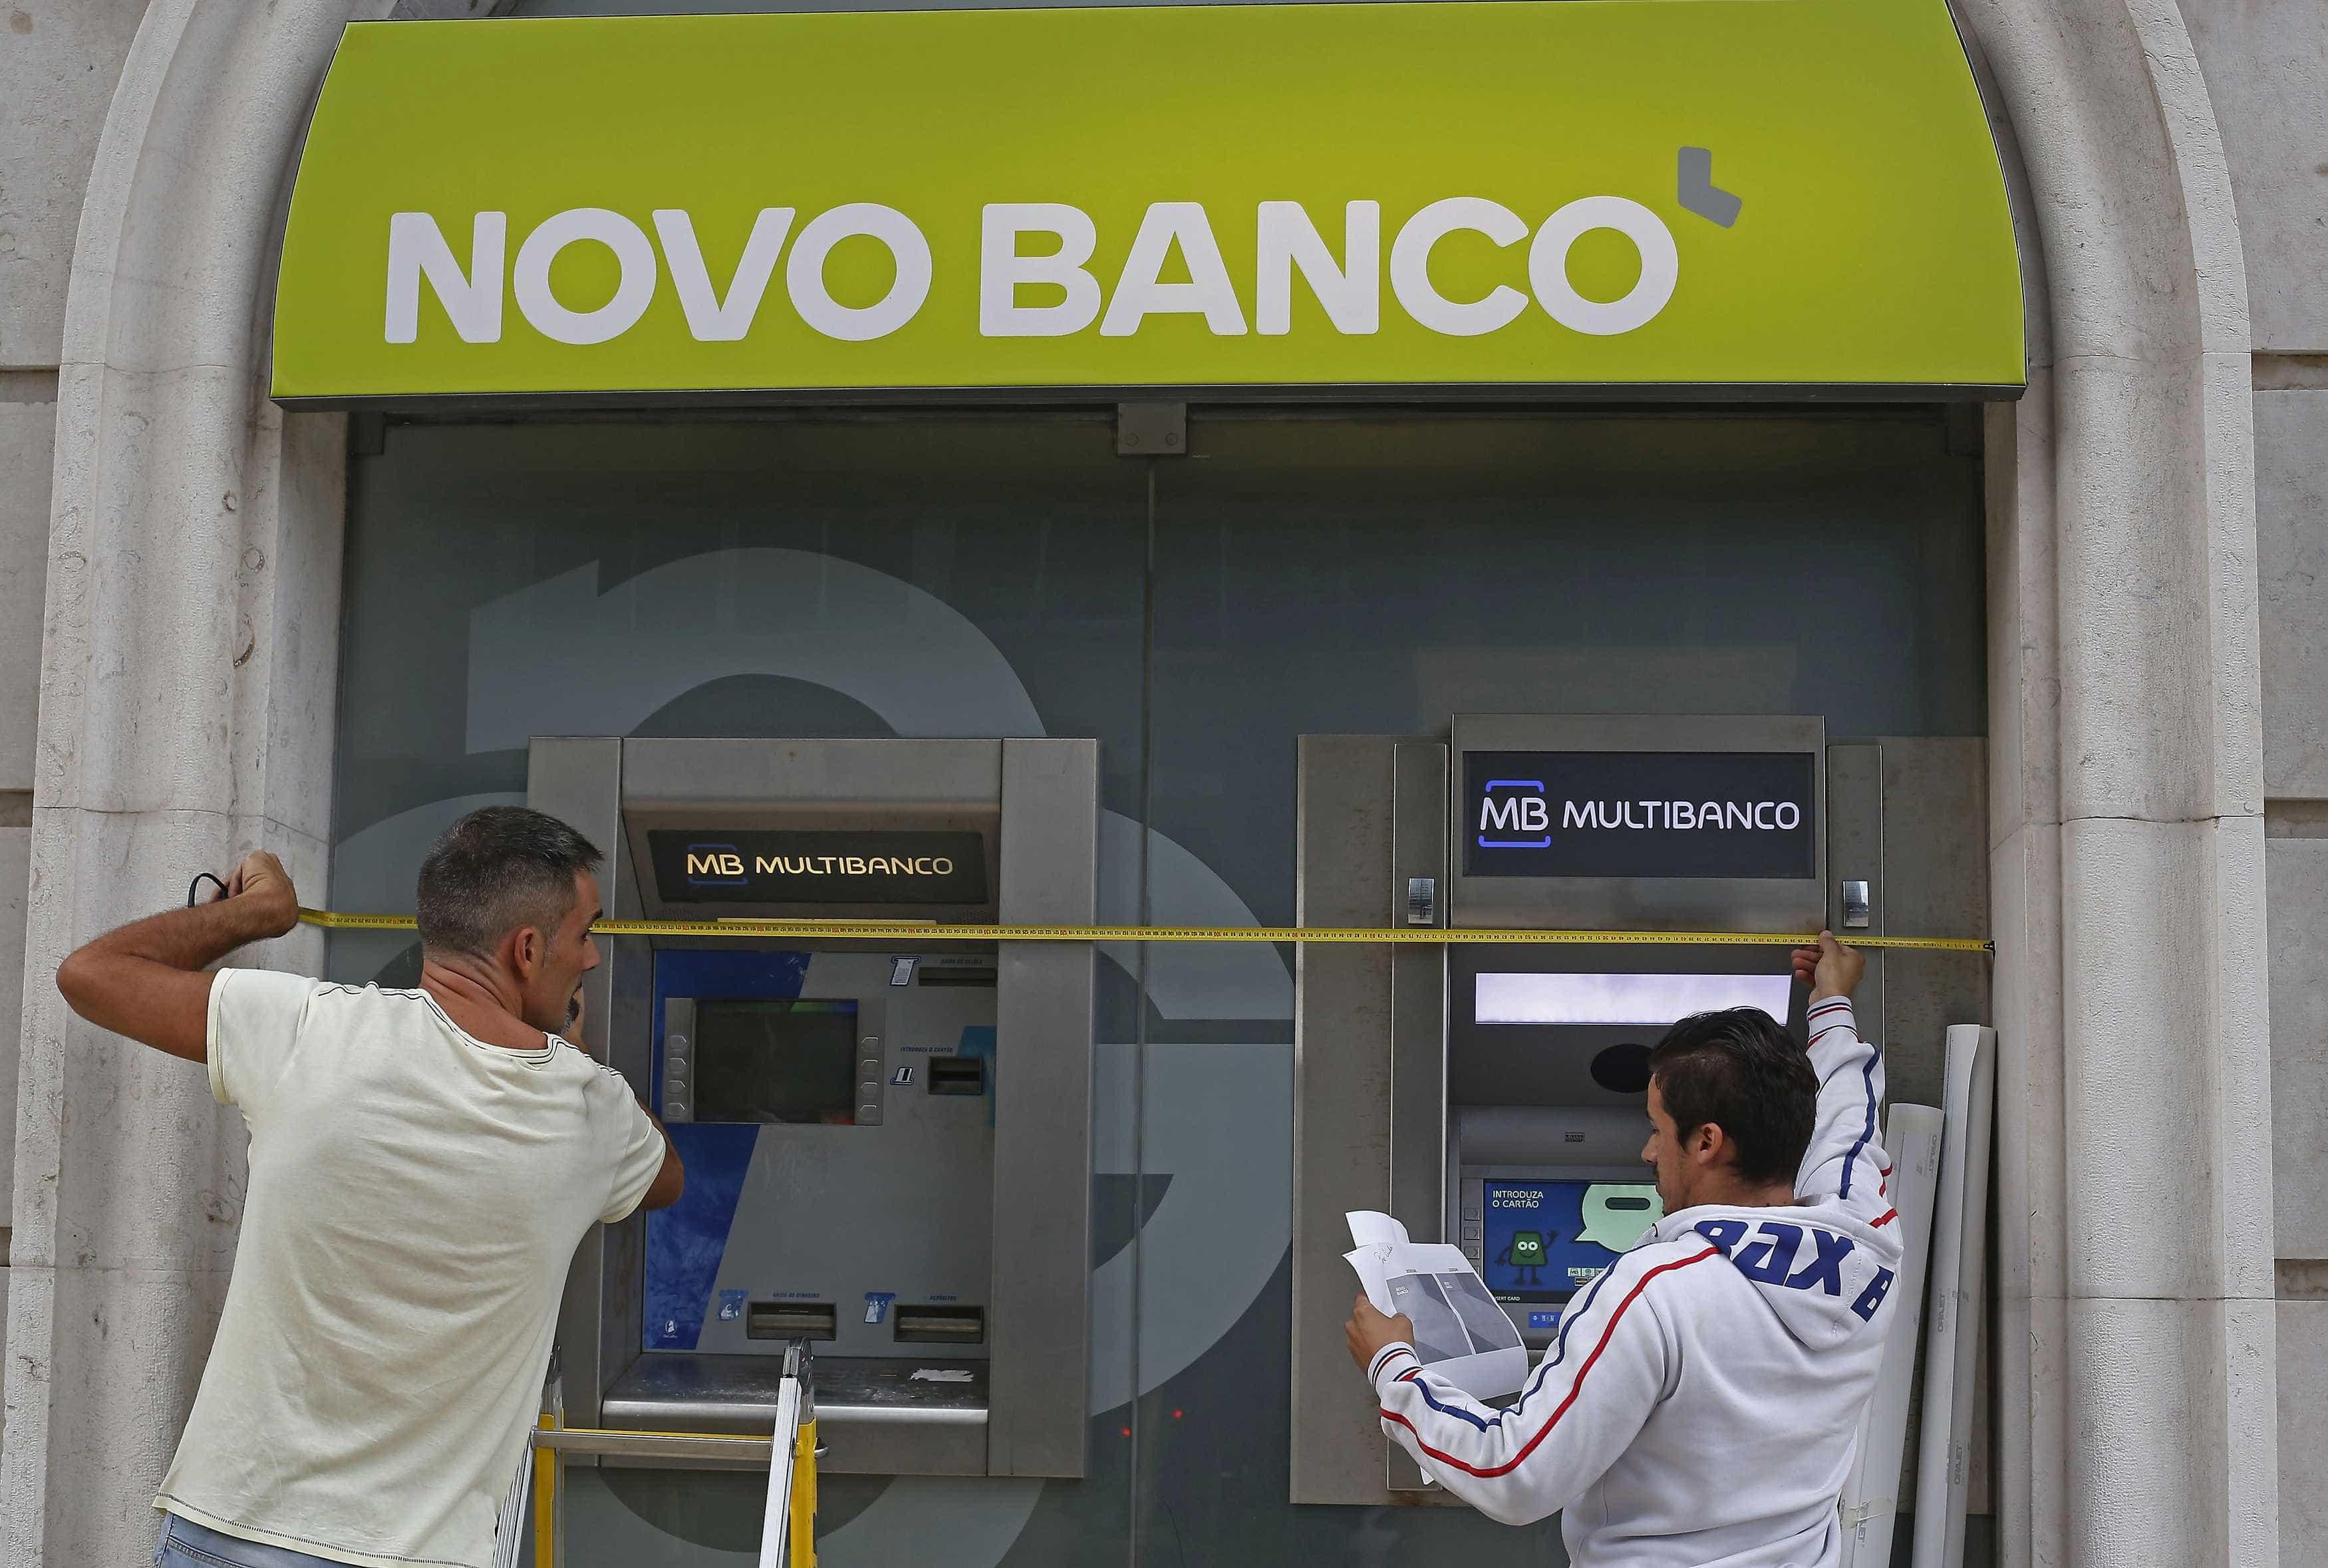 Novo Banco: Auditor que vai analisar créditos ainda não foi escolhido